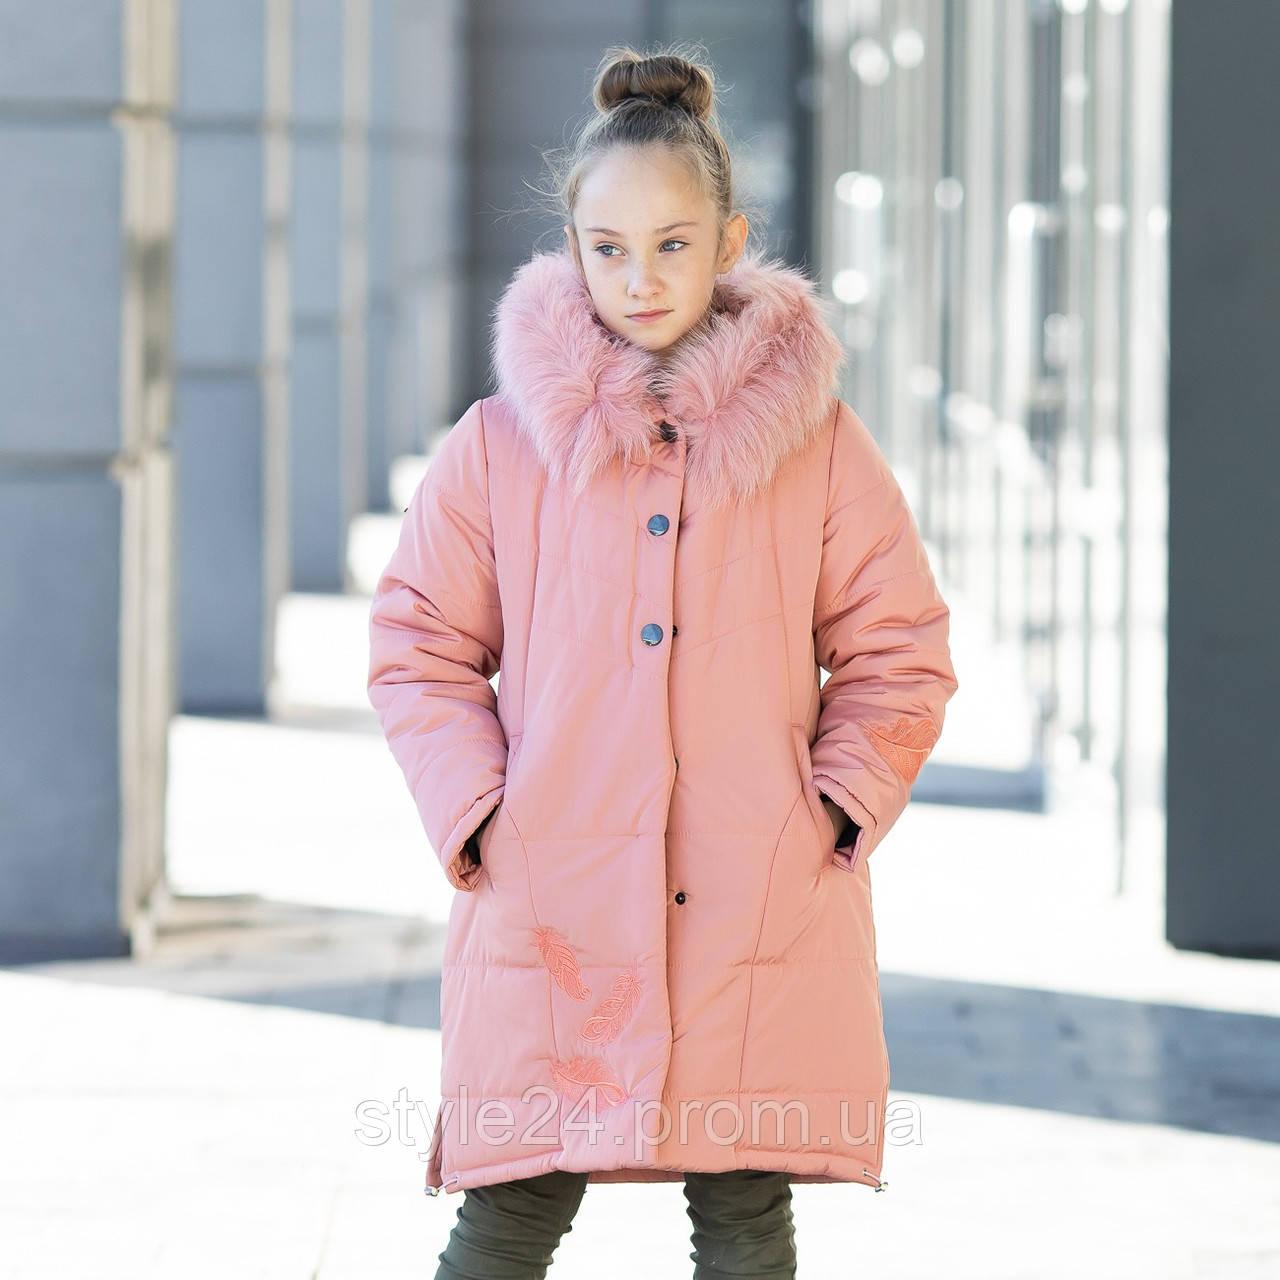 Зимова куртка на флісі на дівчинку з вишивкою та натуральним писцем. Р-ри 128-146